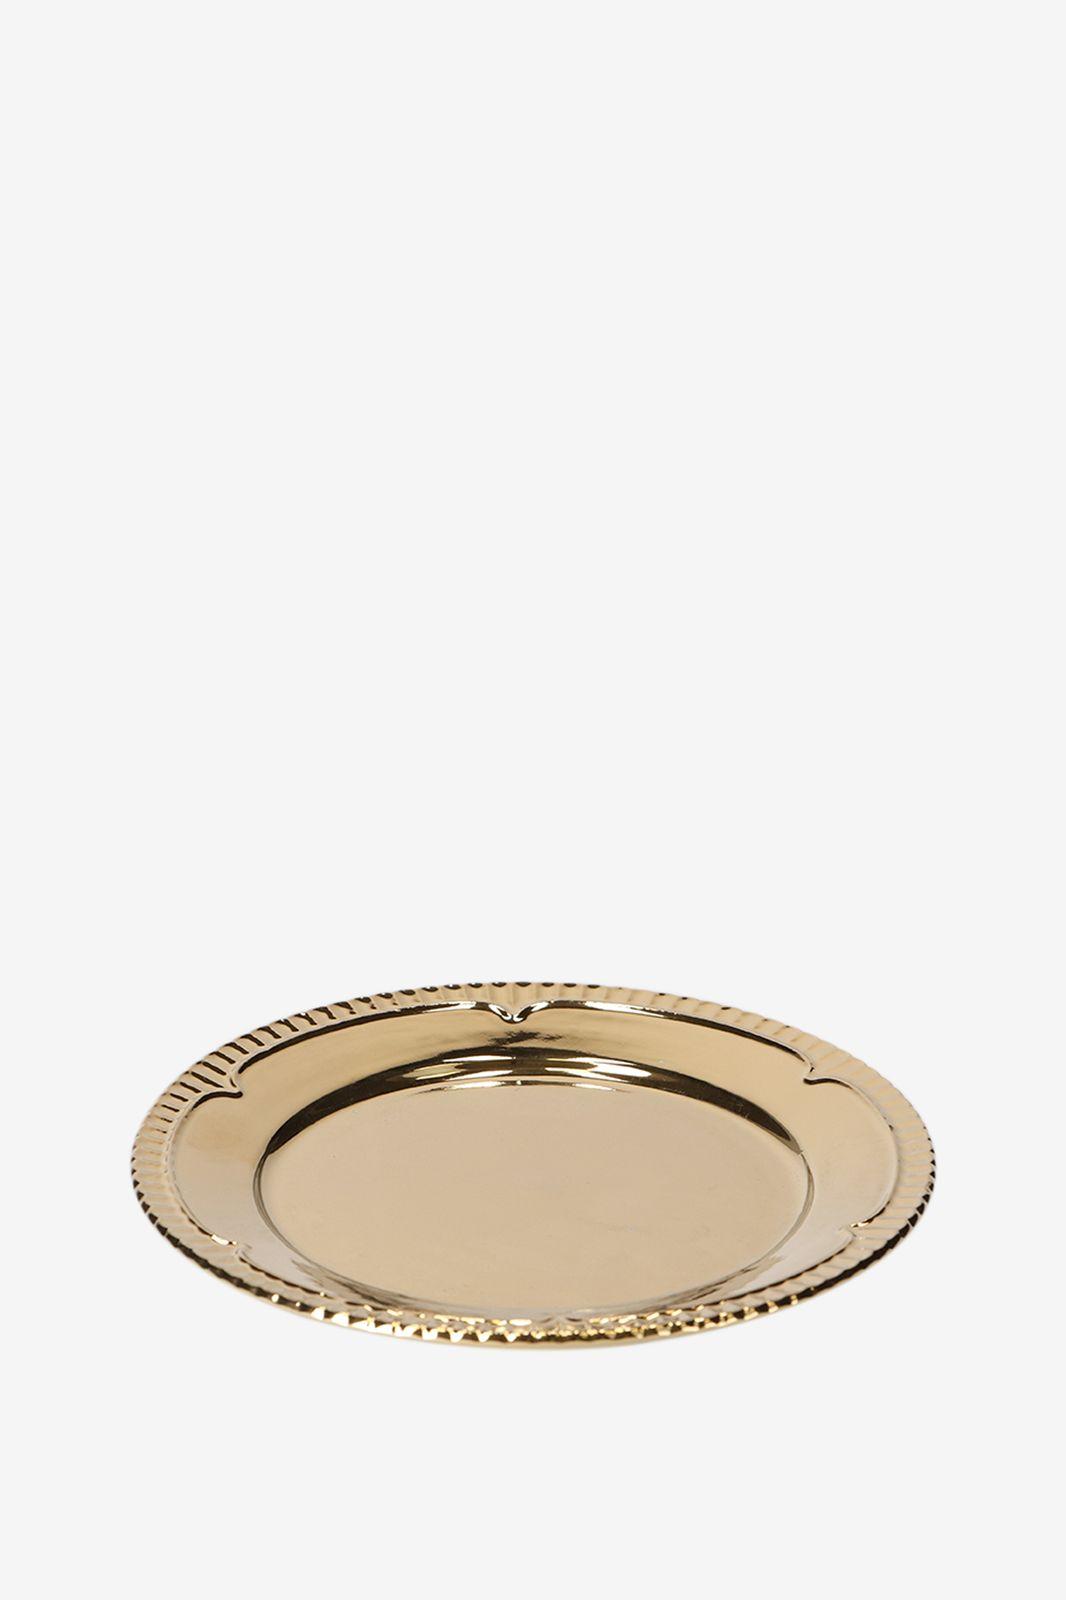 Gouden porseleinen dessertborden deco gold - Homeland | Sissy-Boy